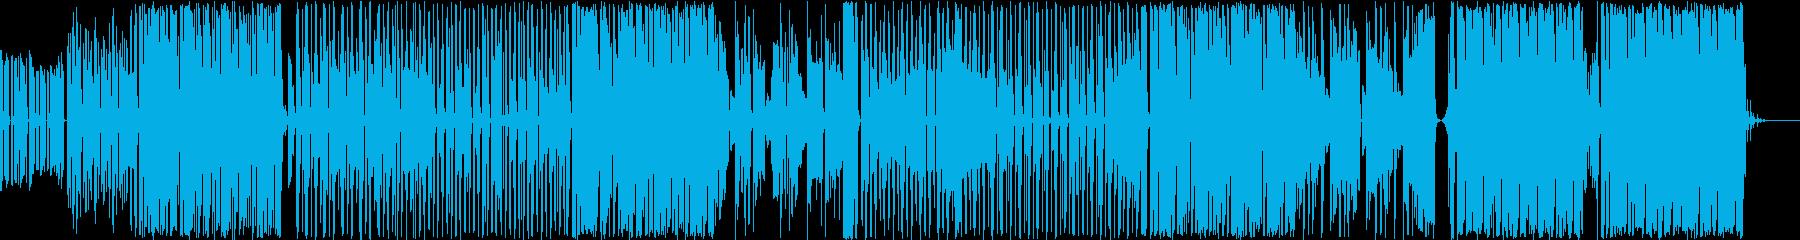 宇宙やロボット系エレクトロダンスビートの再生済みの波形